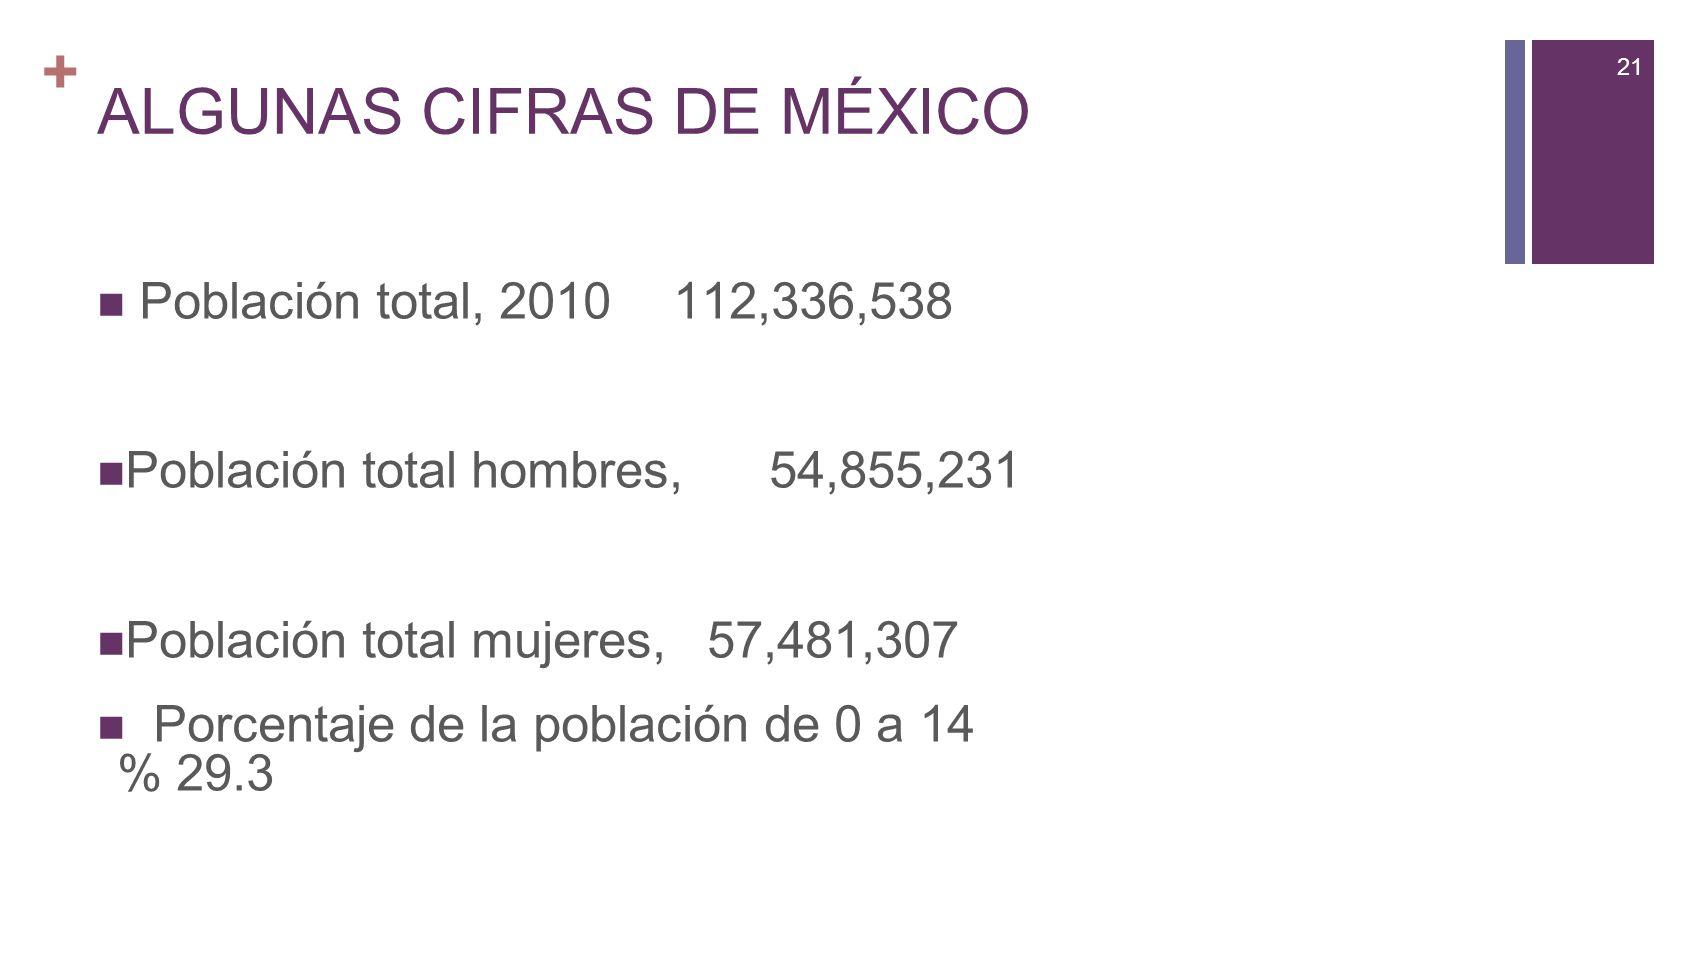 21 + ALGUNAS CIFRAS DE MÉXICO Población total, 2010112,336,538 Población total hombres,54,855,231 Población total mujeres, 57,481,307 Porcentaje de la